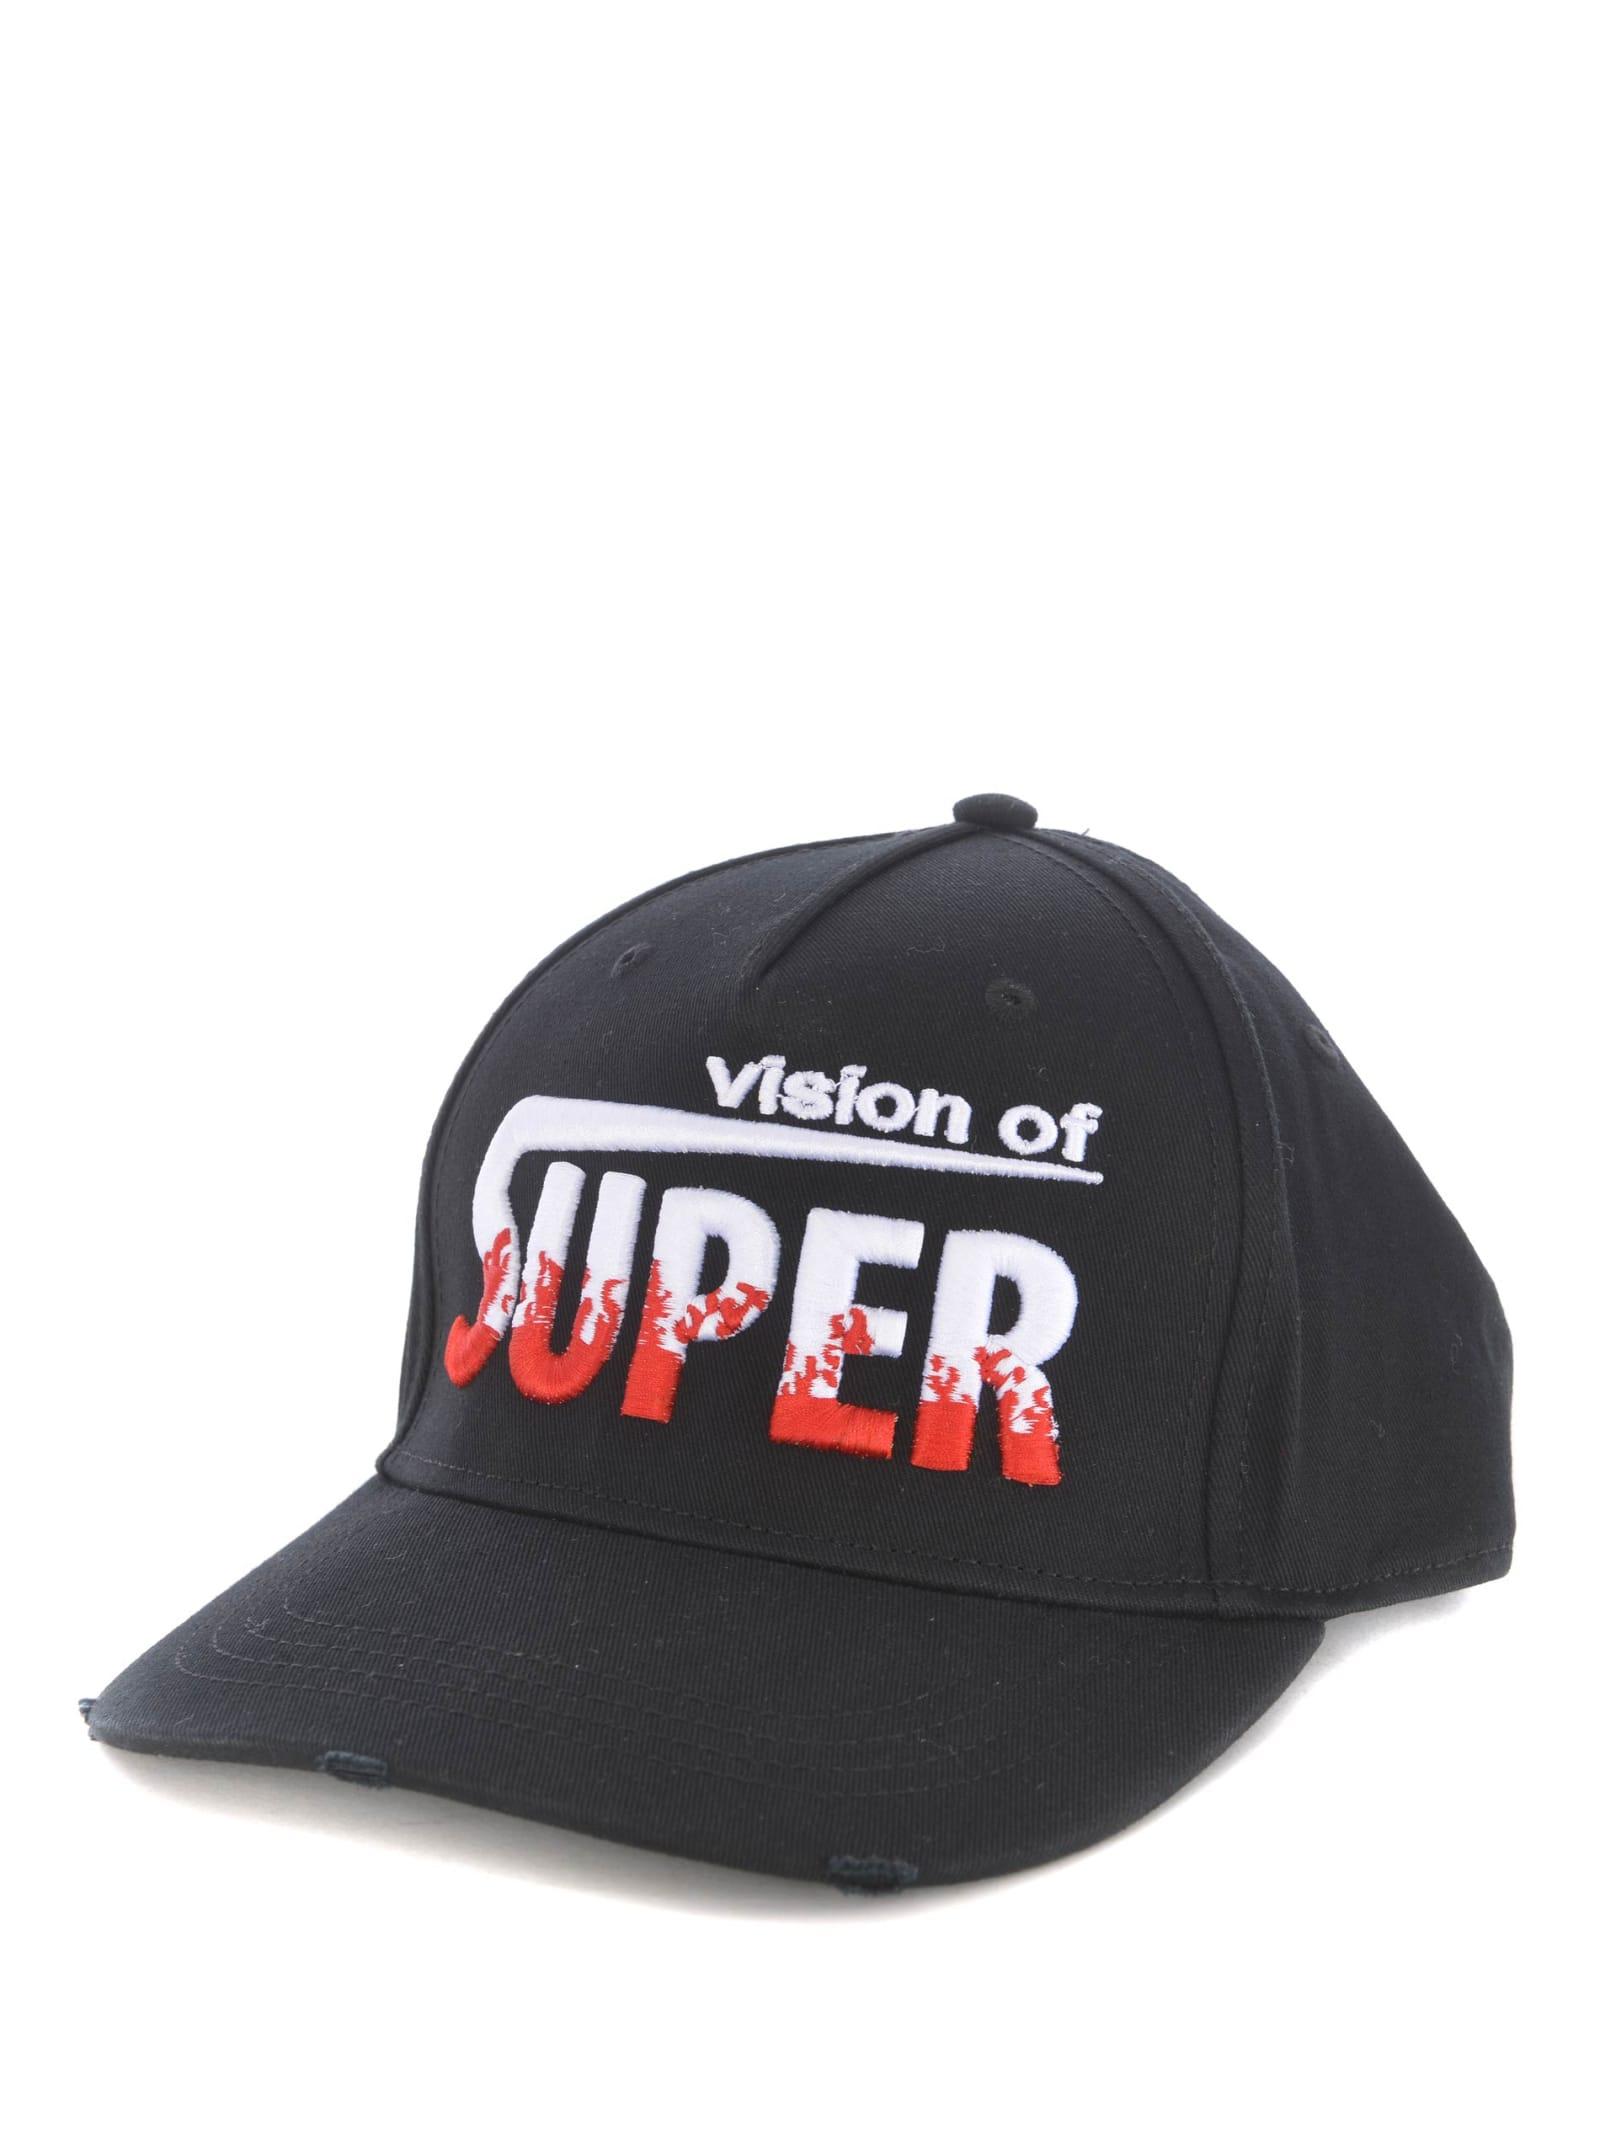 Vision of Super Hat